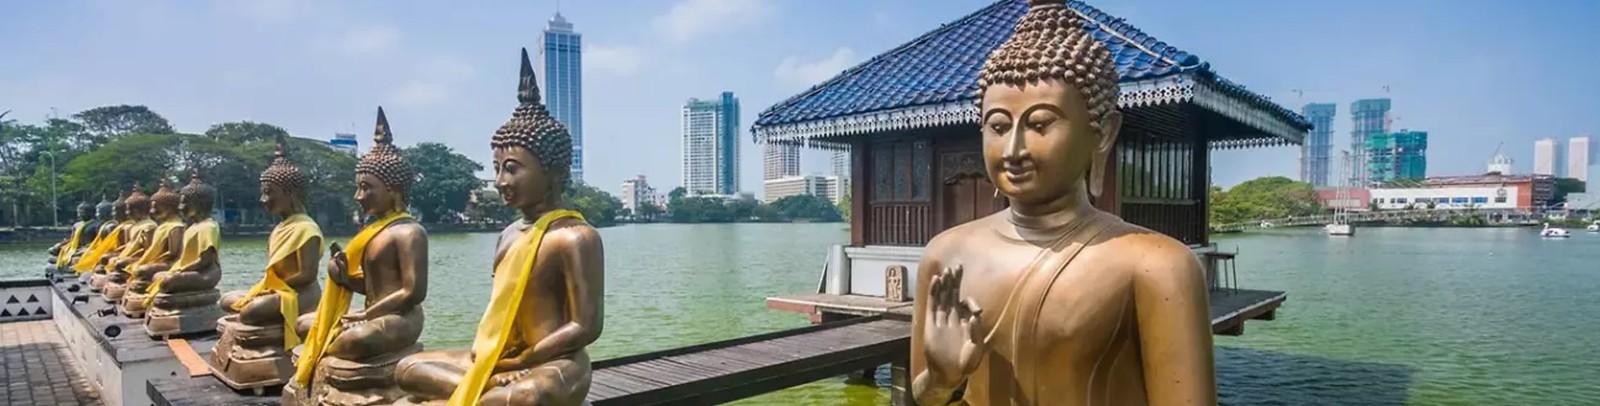 Qué ver en Colombo en un día, Sri Lanka qué ver en colombo en un día - 33165808338 ed7875ebb4 h - Qué ver en Colombo en un día